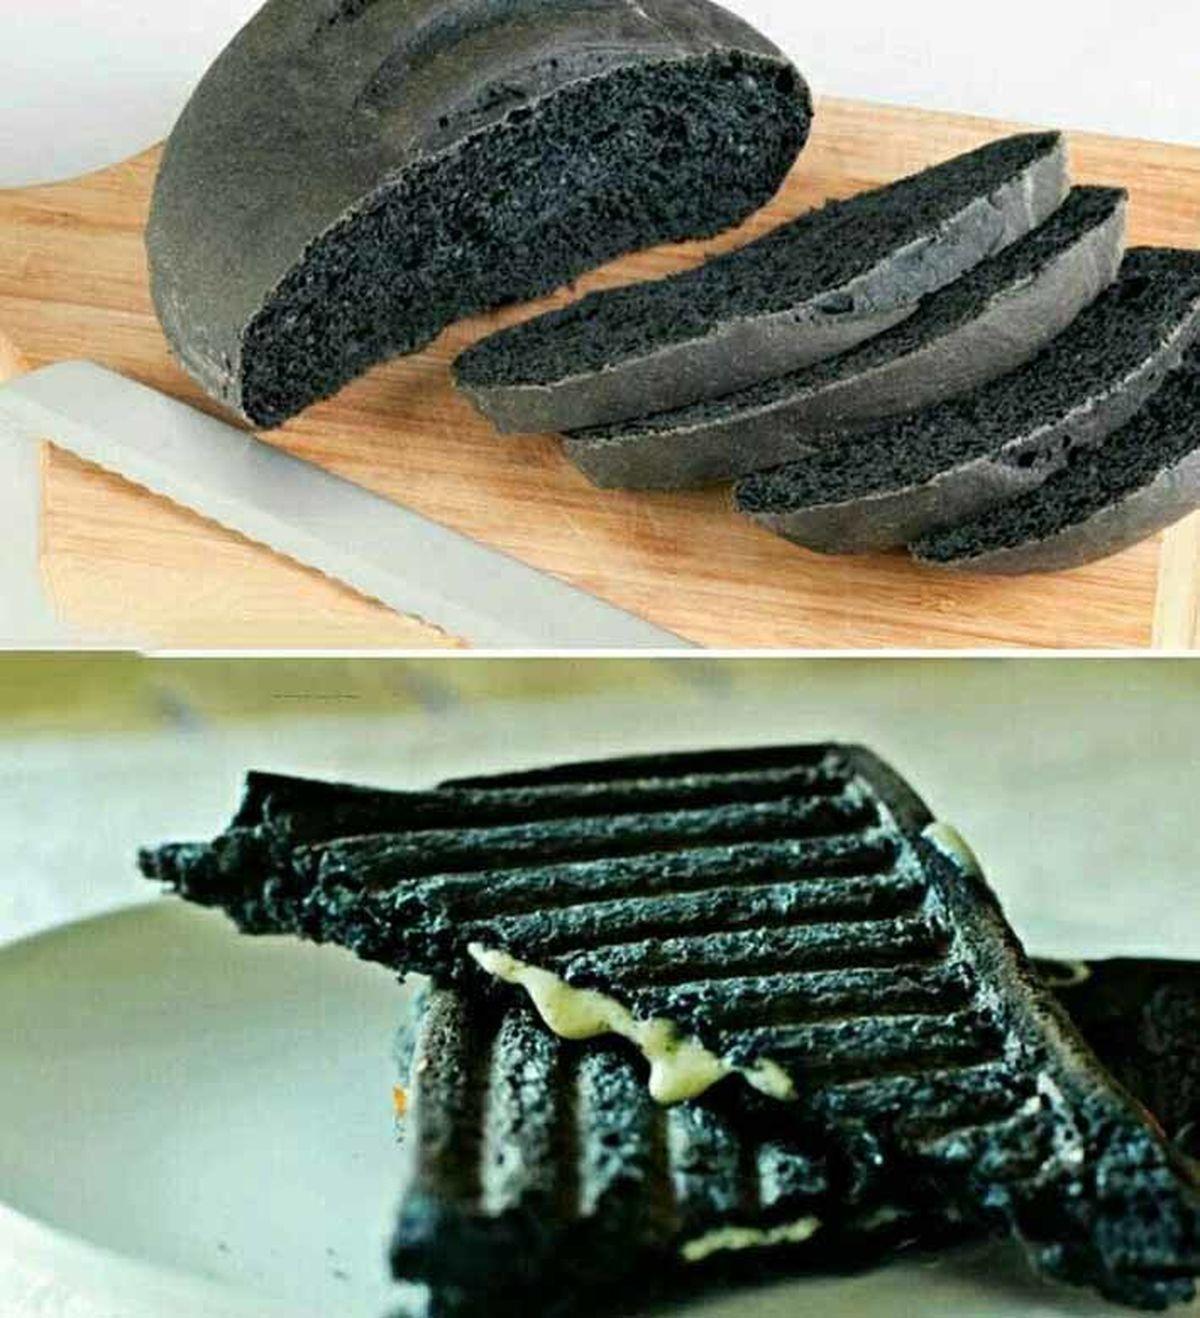 عجیبترین و گرانترین نان دنیا؛کربنی و با قابلیت آتش زایی